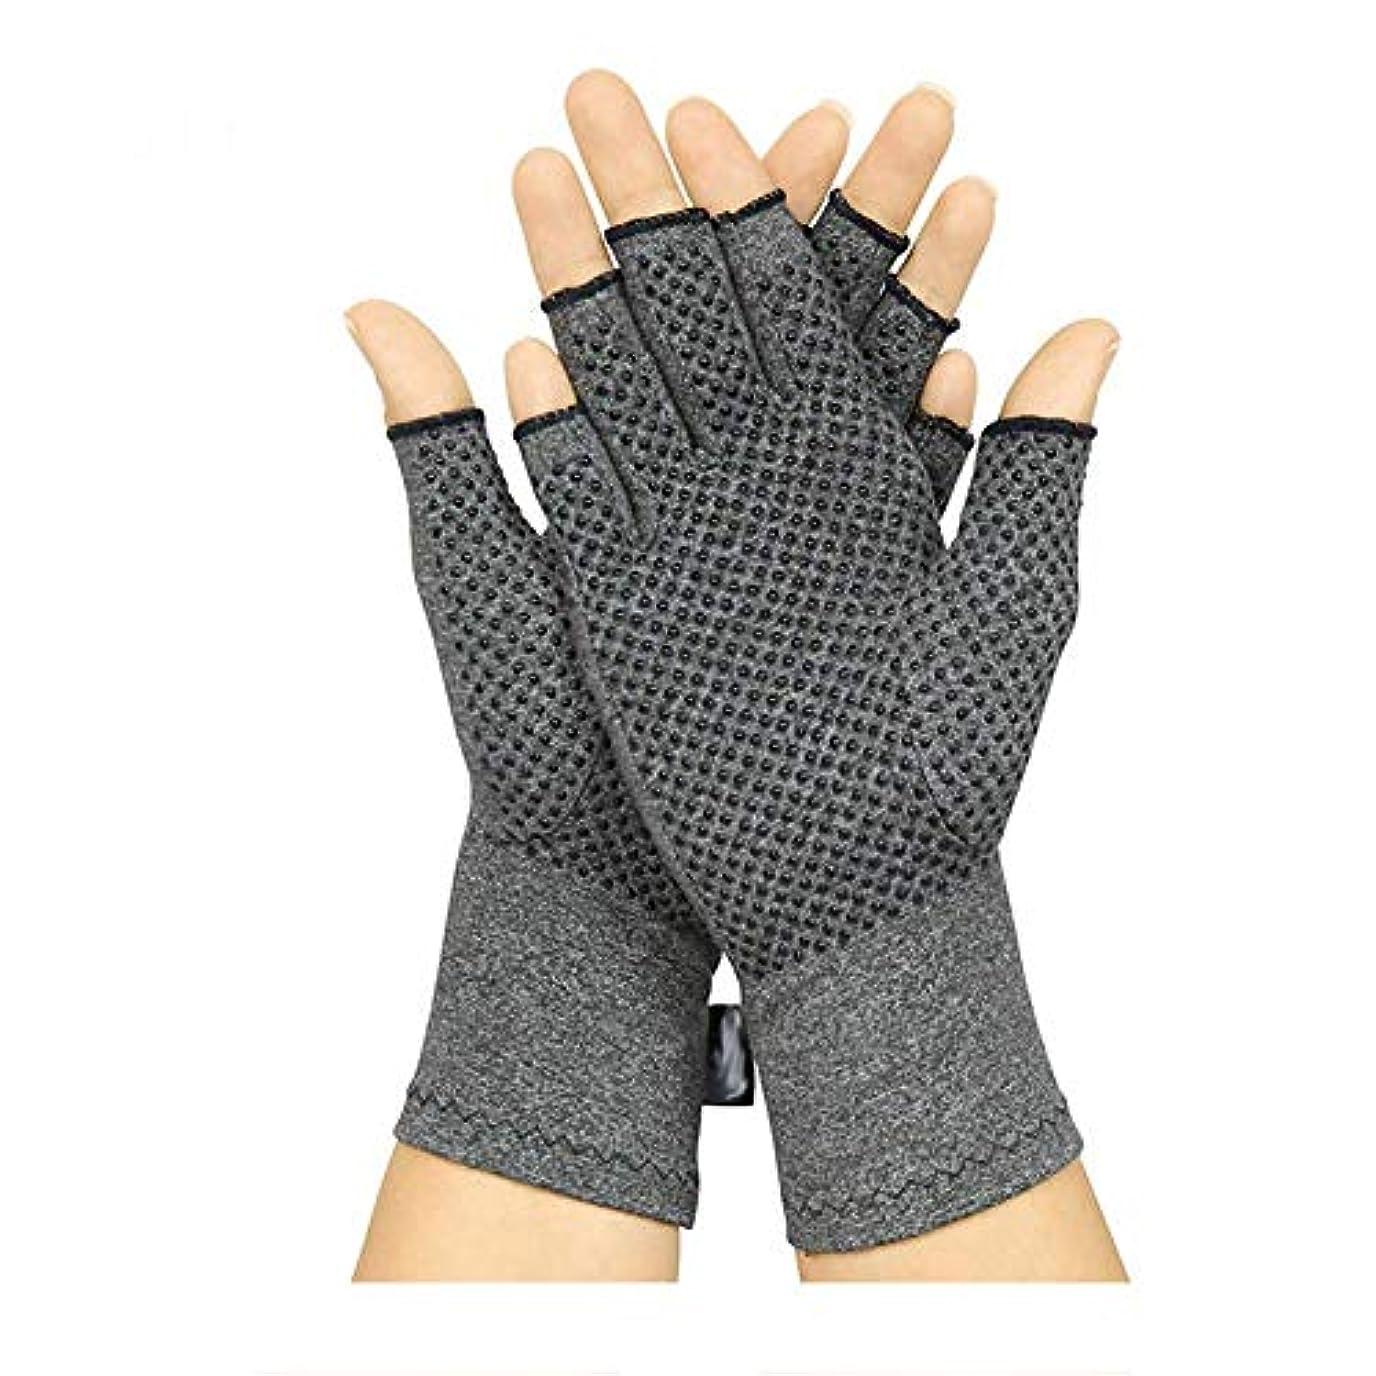 現実には転倒うれしい関節炎手指圧迫手袋、半指手袋、関節炎の関節の痛みの軽減の毎日の使用、男性と女性の手根管(1ペア)、M